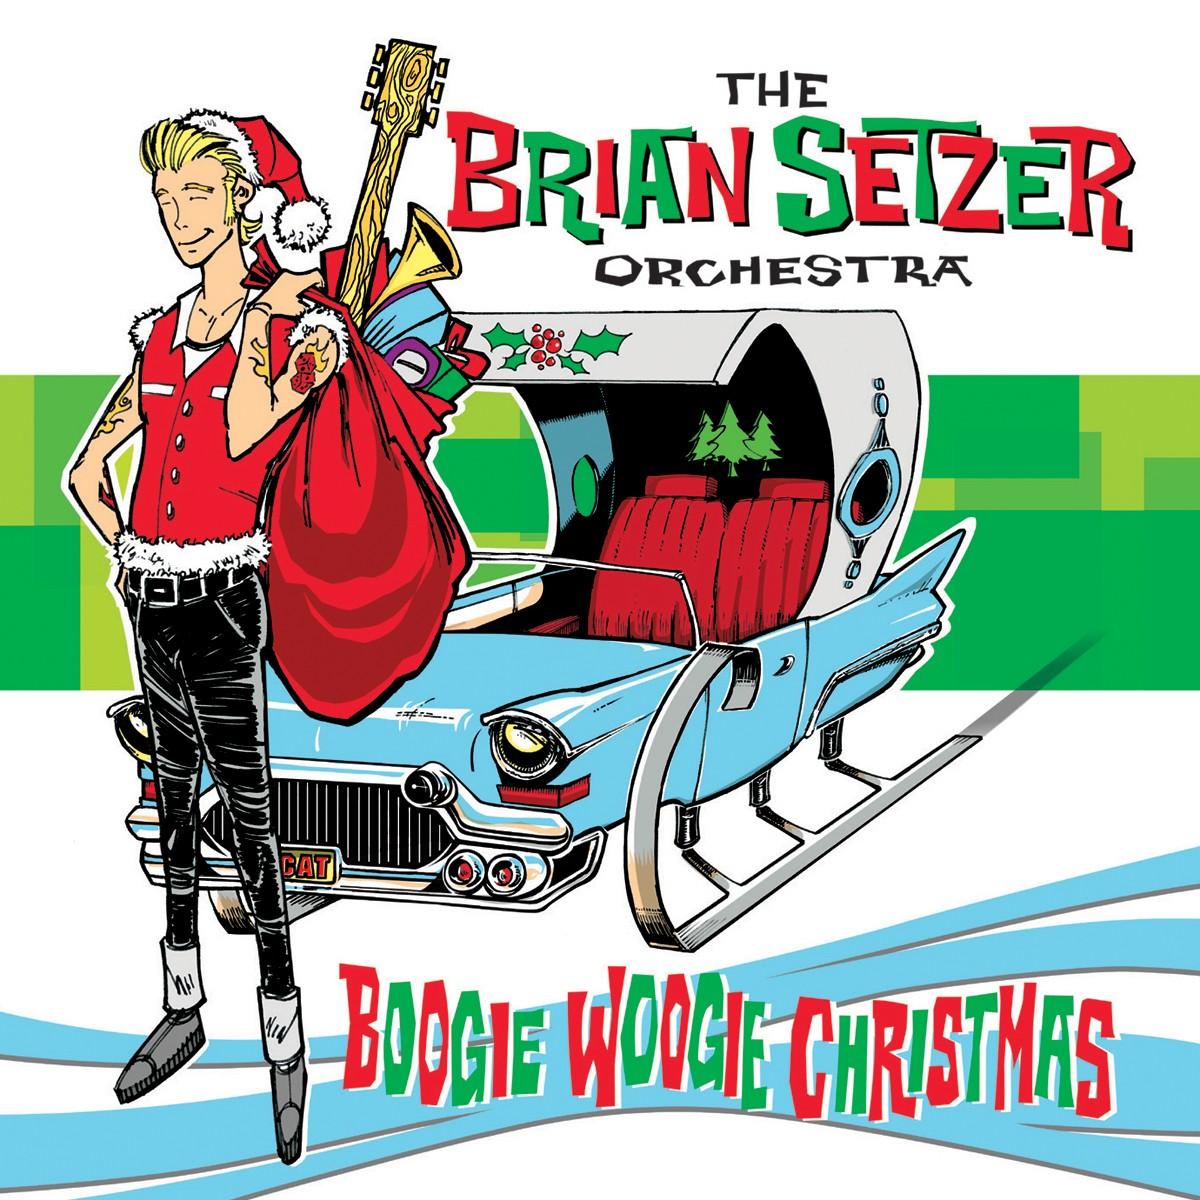 Brian Setzer Orchestra - Boogie Woogie Christmas Vinyl LP